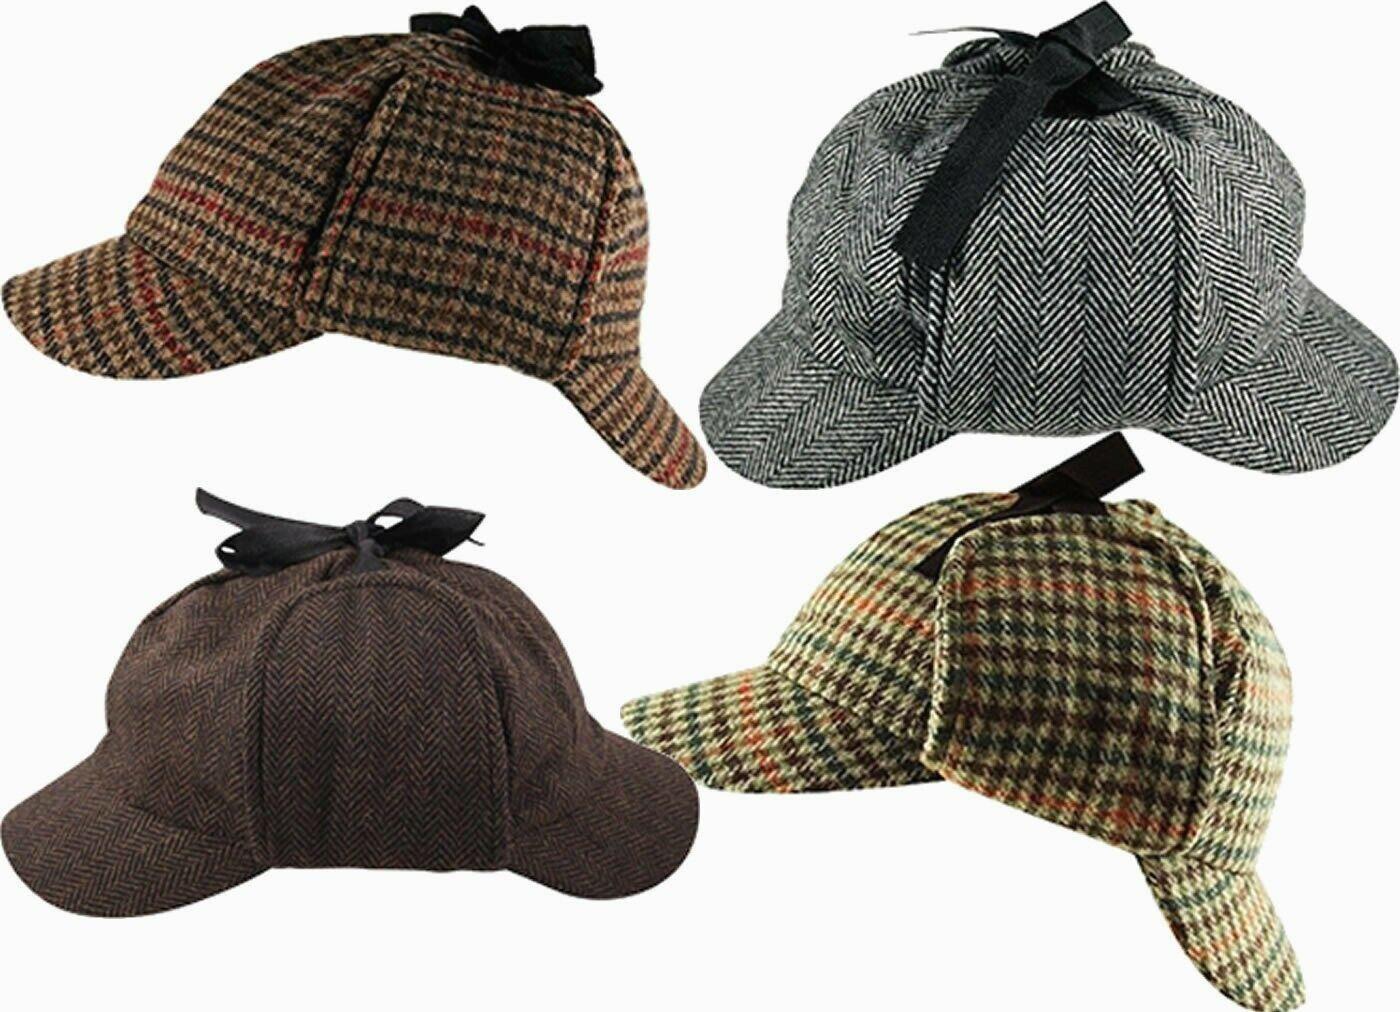 Sherlock Holmes Deerstalker Tweed Kariert & Fischgräten Wollmischung Hut Kappe